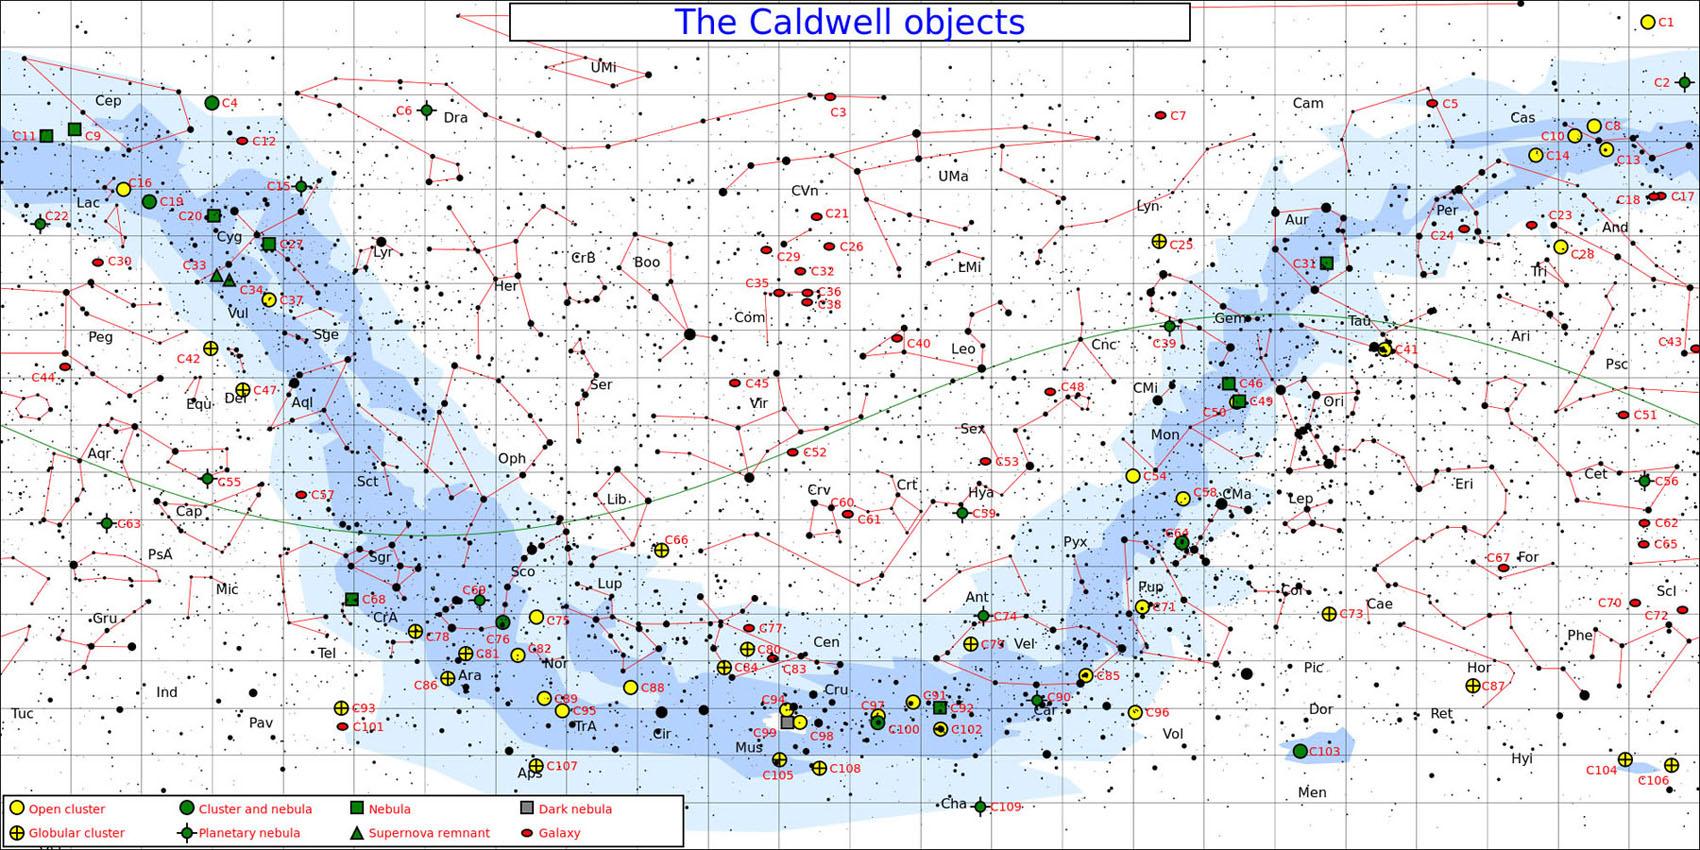 2000px-CaldwellStarChart.jpg